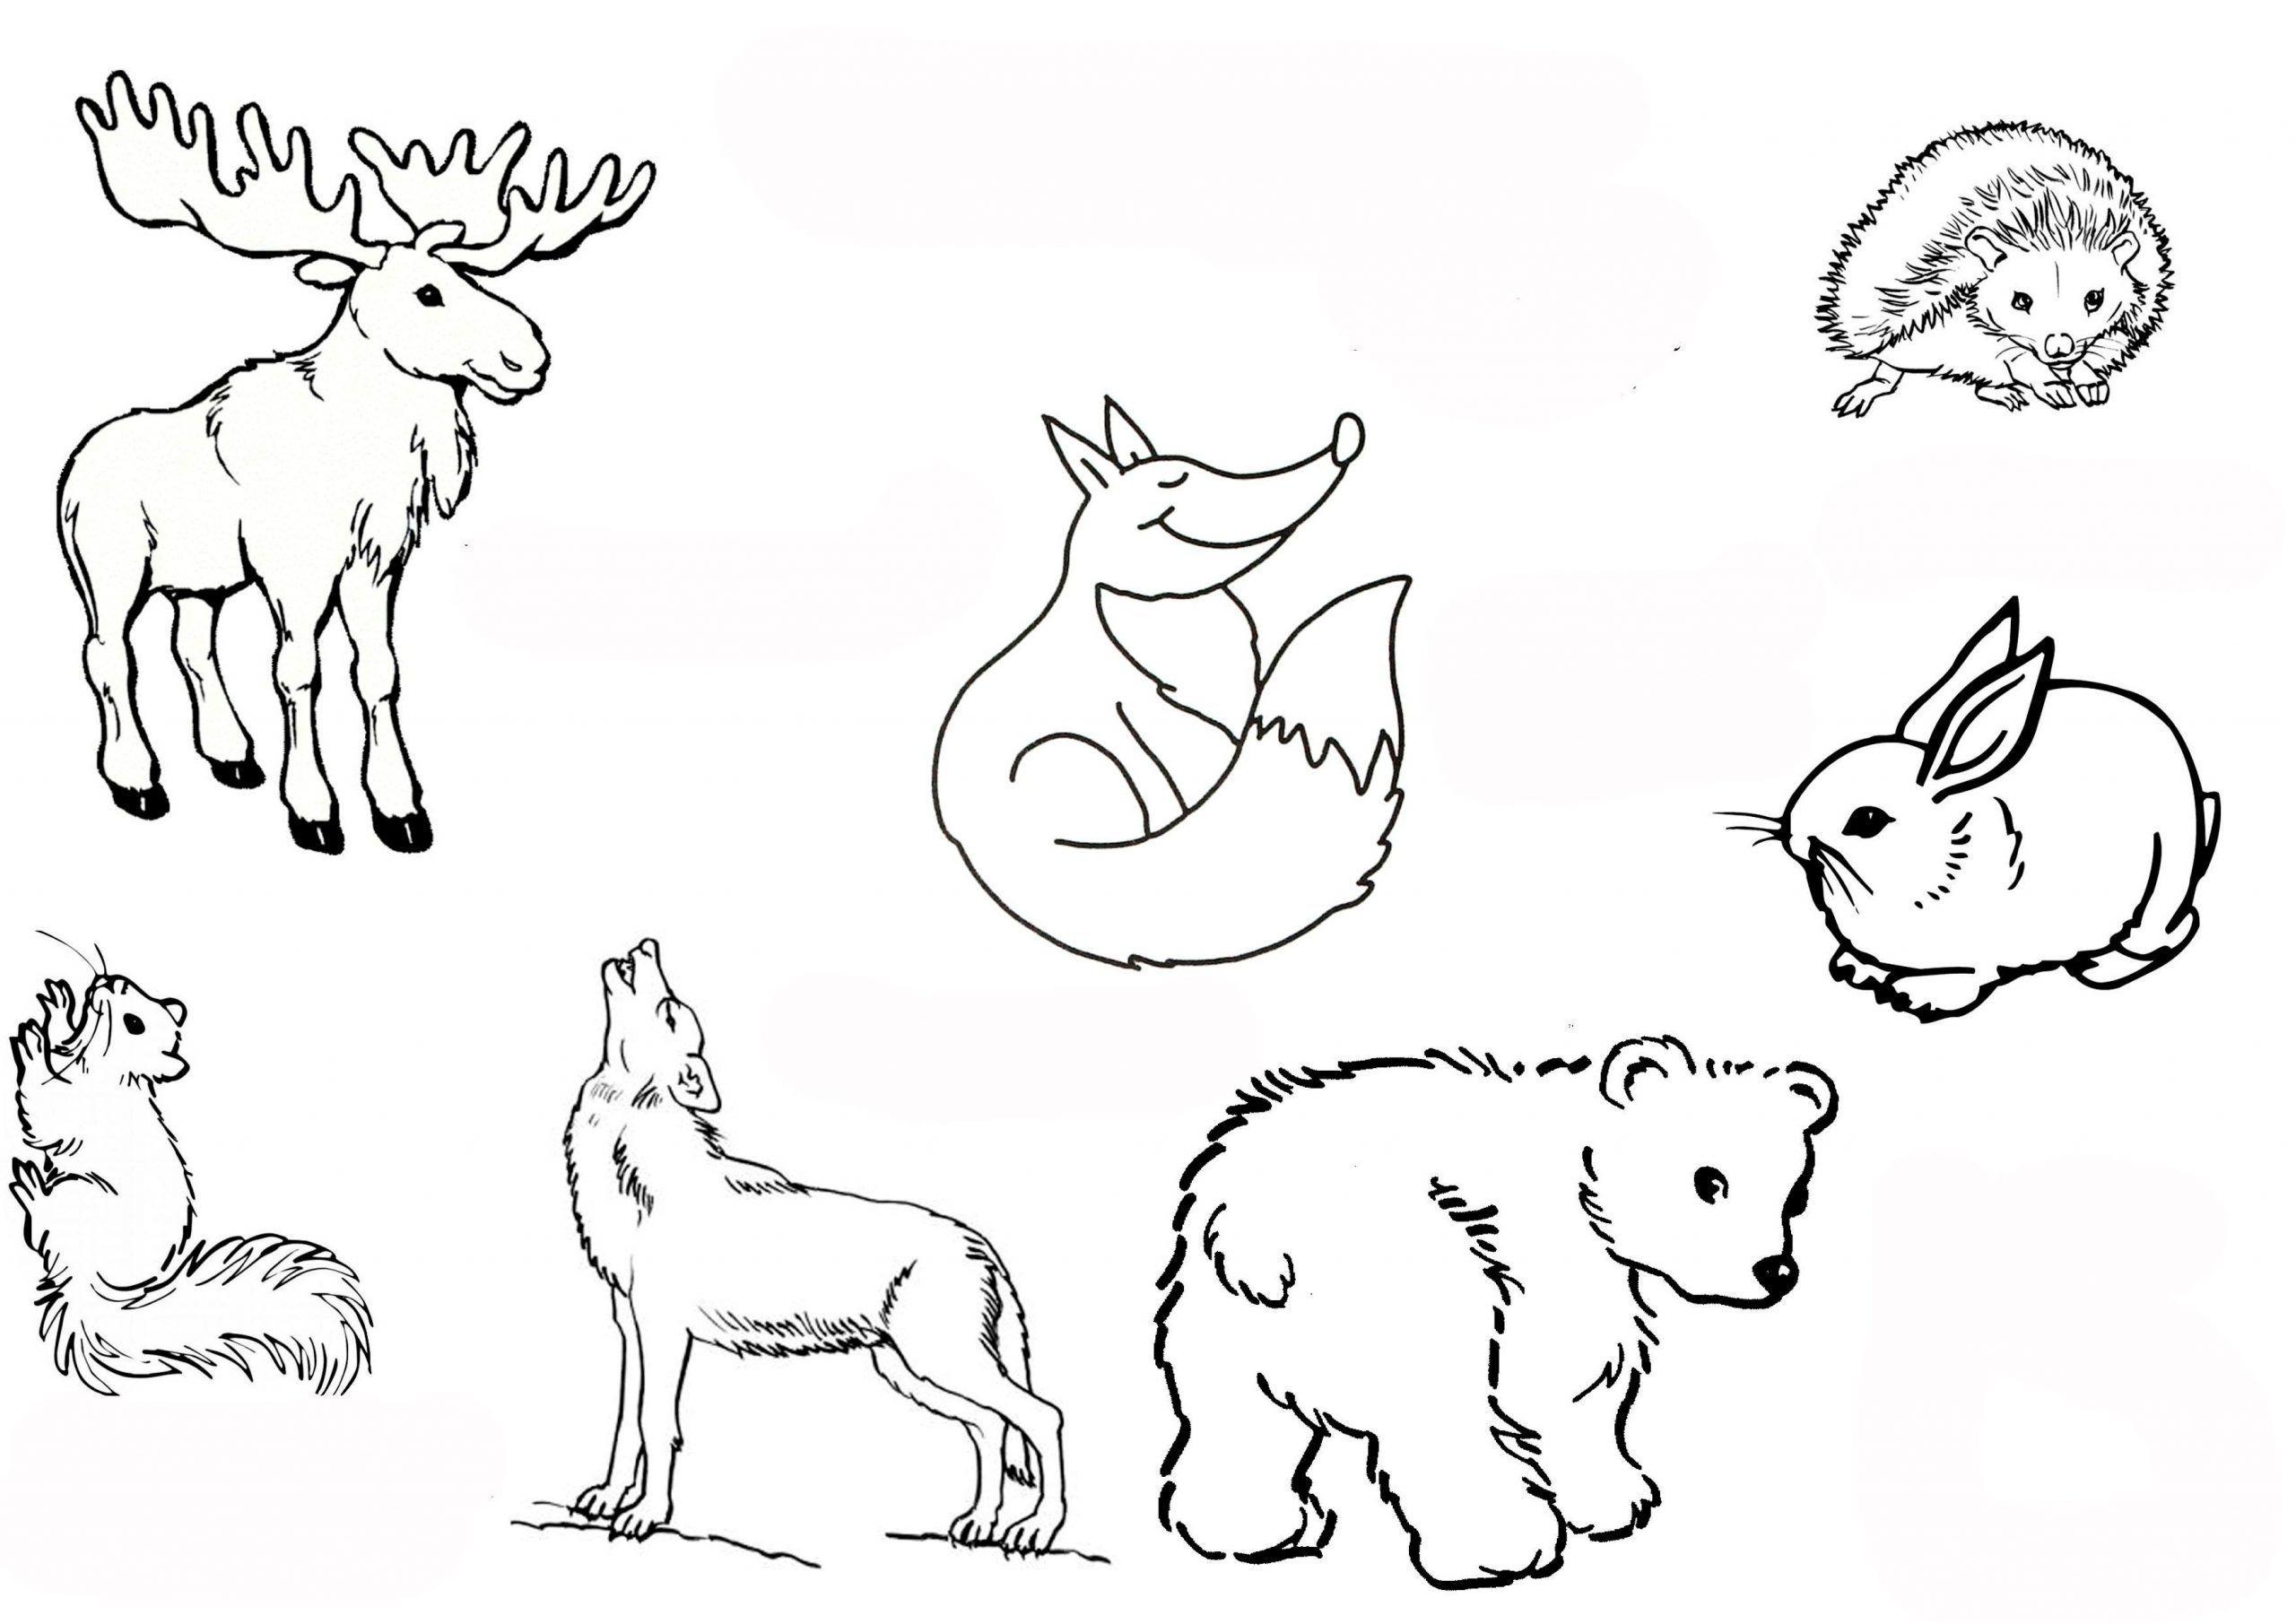 Malvorlagen Karneval Der Tiere